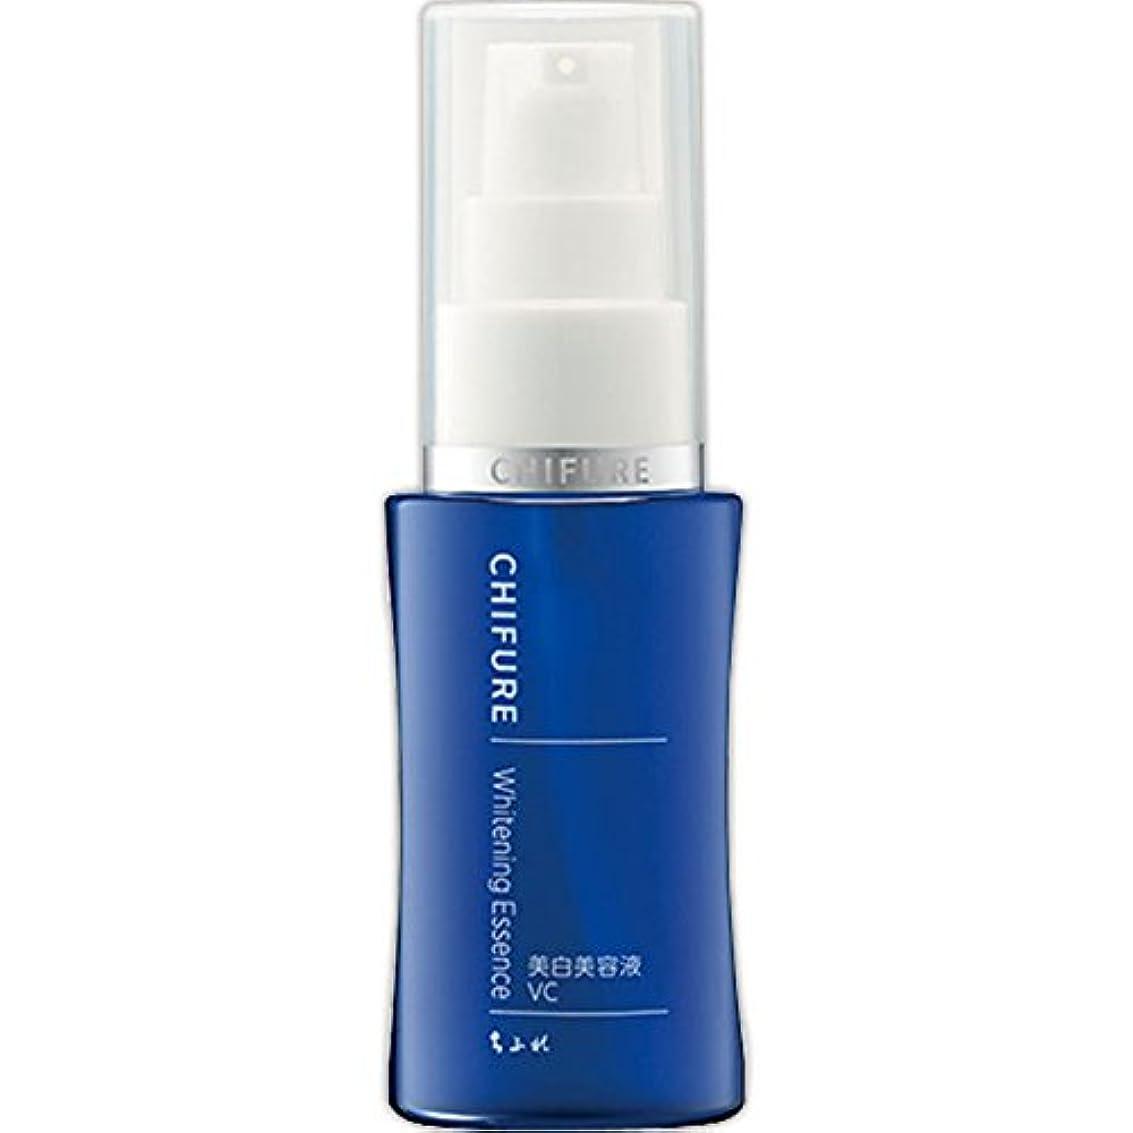 キャプションインデックス深くちふれ化粧品 美白美容液 VC 30ML (医薬部外品)